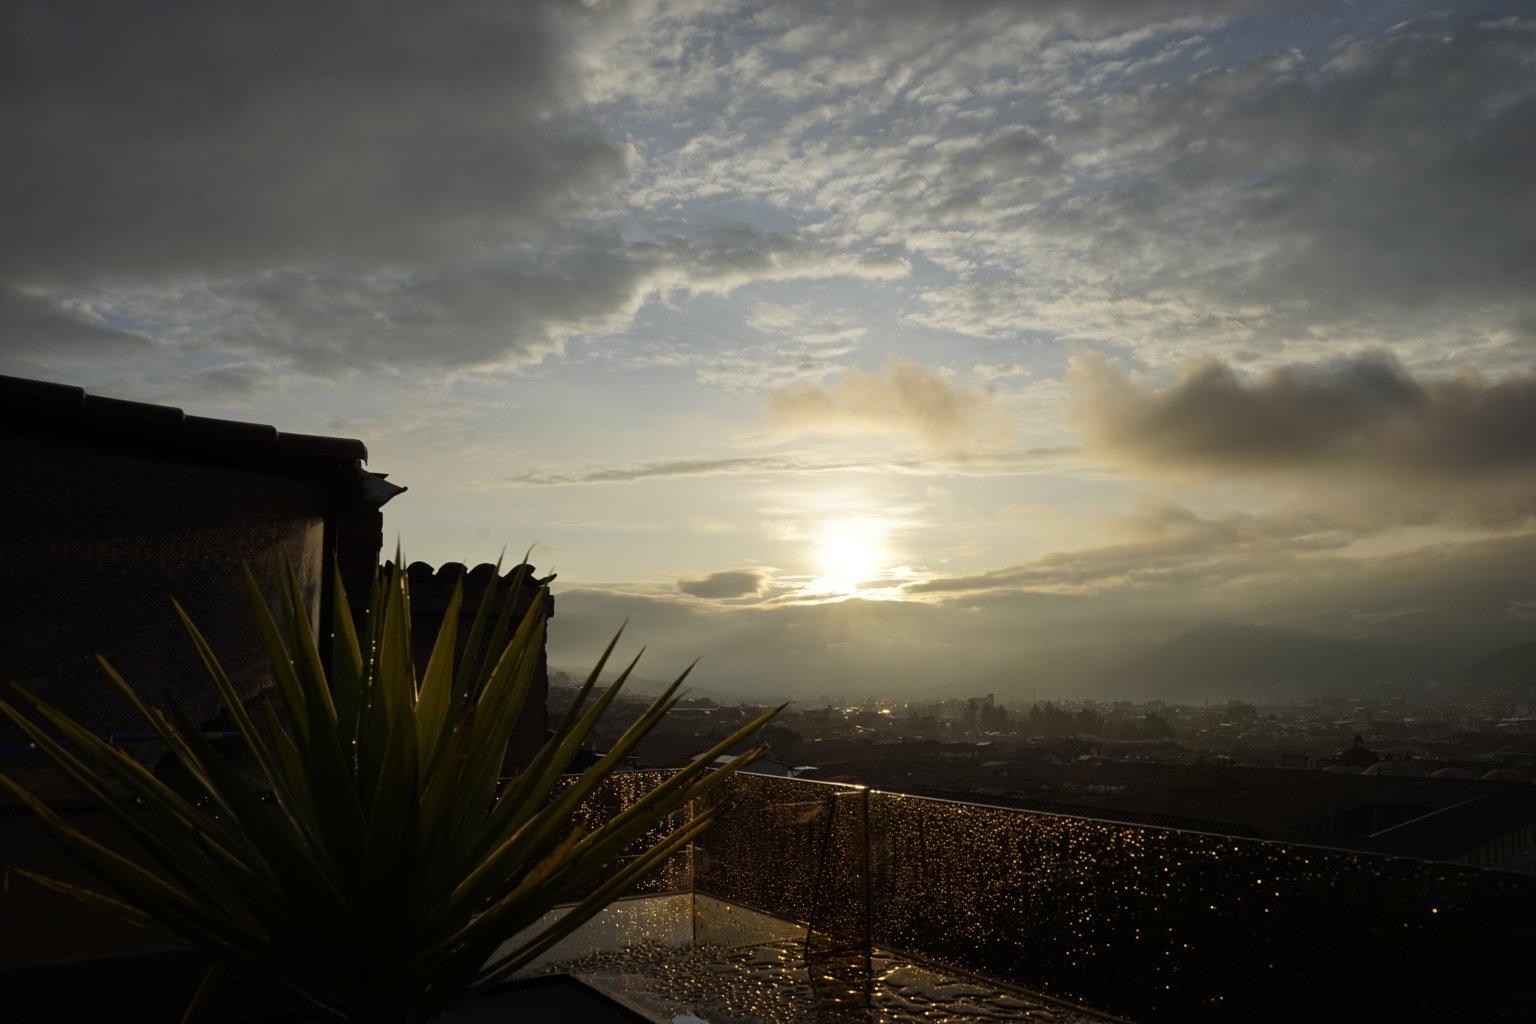 DSC7627 1536x1024 - 【ペルー クスコ】雨と光と爆竹と。2020年へのカウントダウン(6)クスコの初日の出